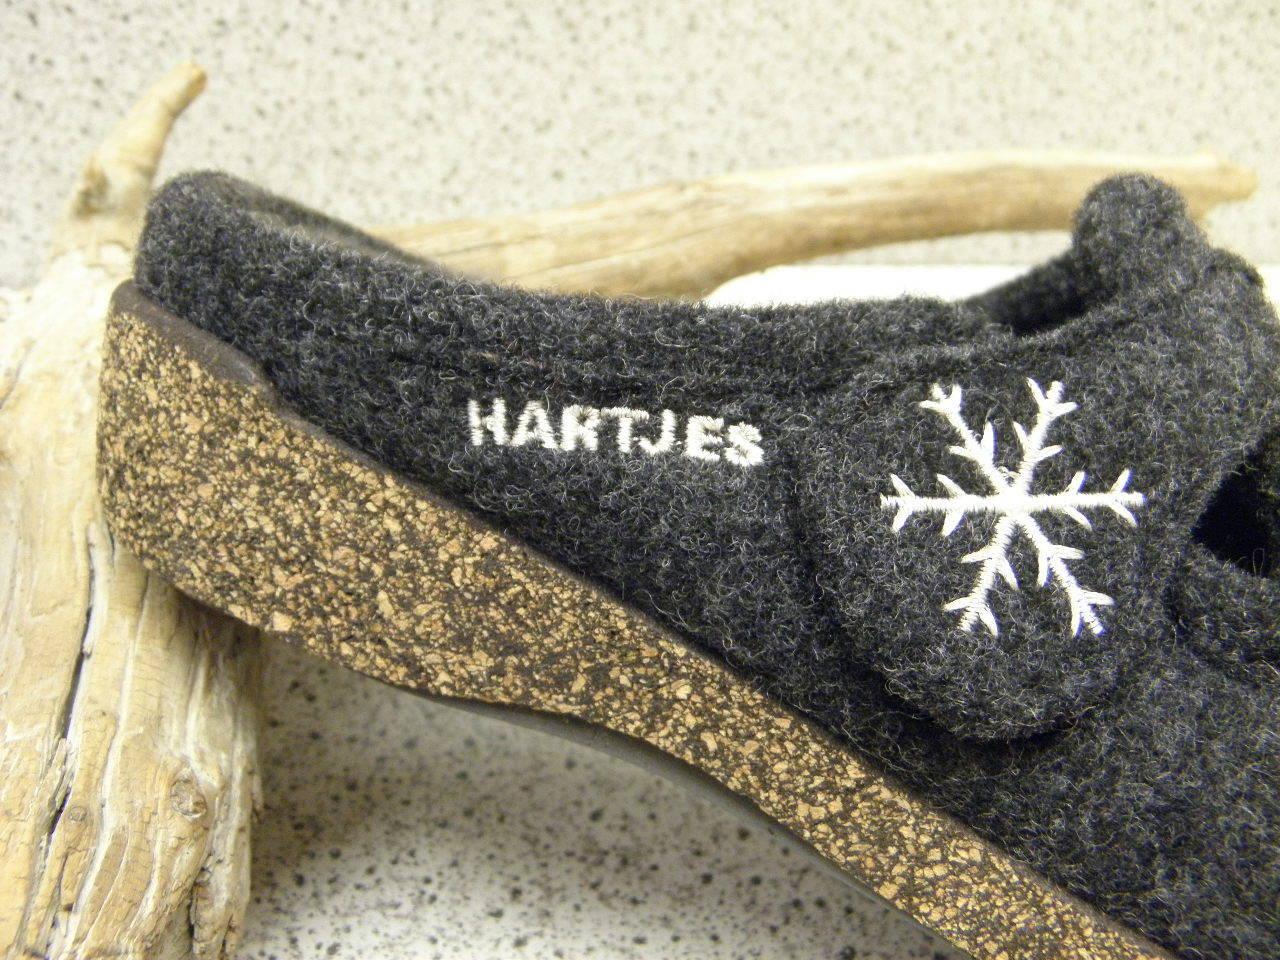 Hartjes® bisher    Filz Wolle Wolle Wolle und Lammfell Pantoffel grau (512) c2c20c